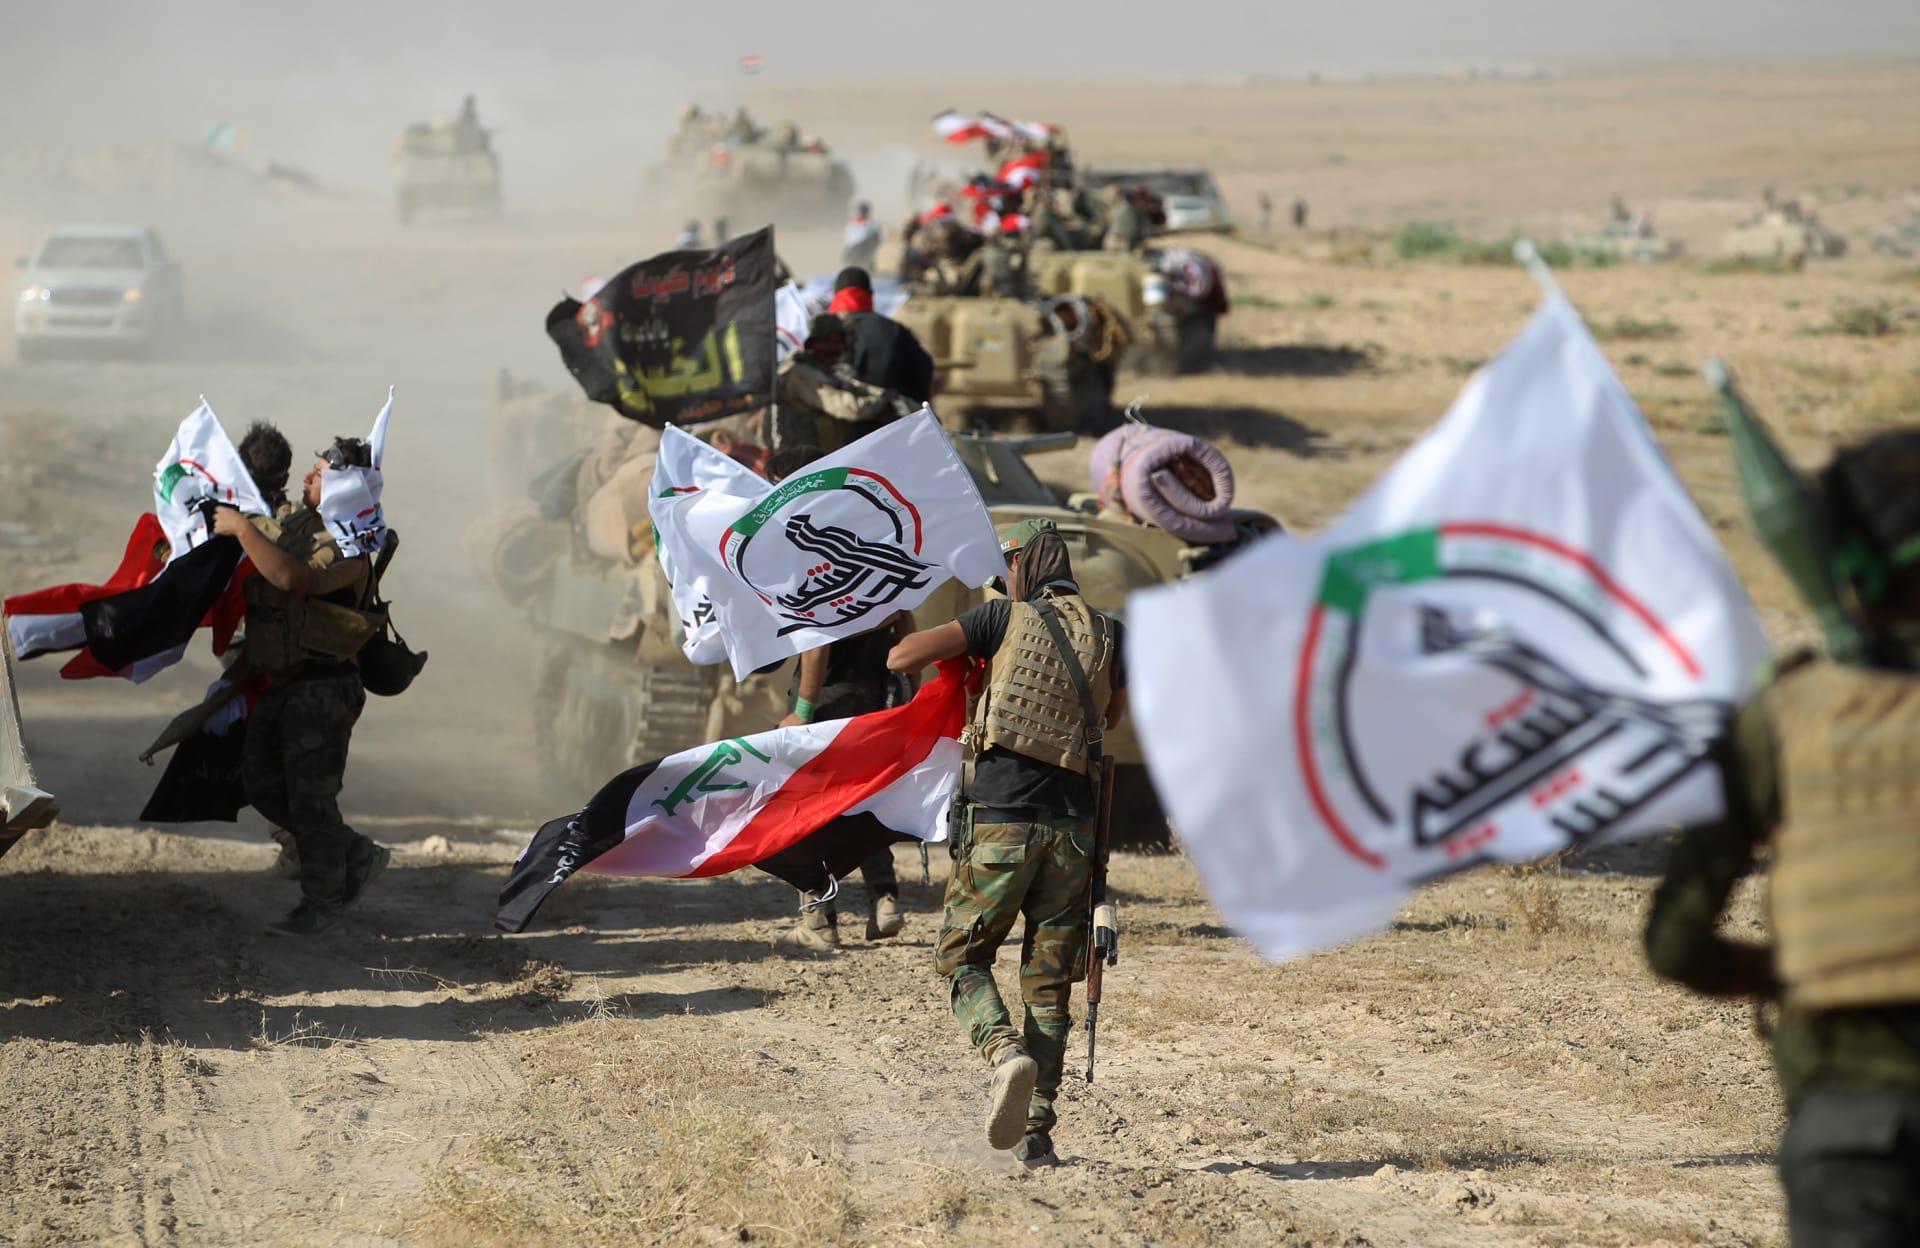 """رئيس الوزراء العراقي يثير الجدل بارتدائه زي الحشد الشعبي.. فماذا قال عن """"الفجوة"""" مع الدولة؟"""